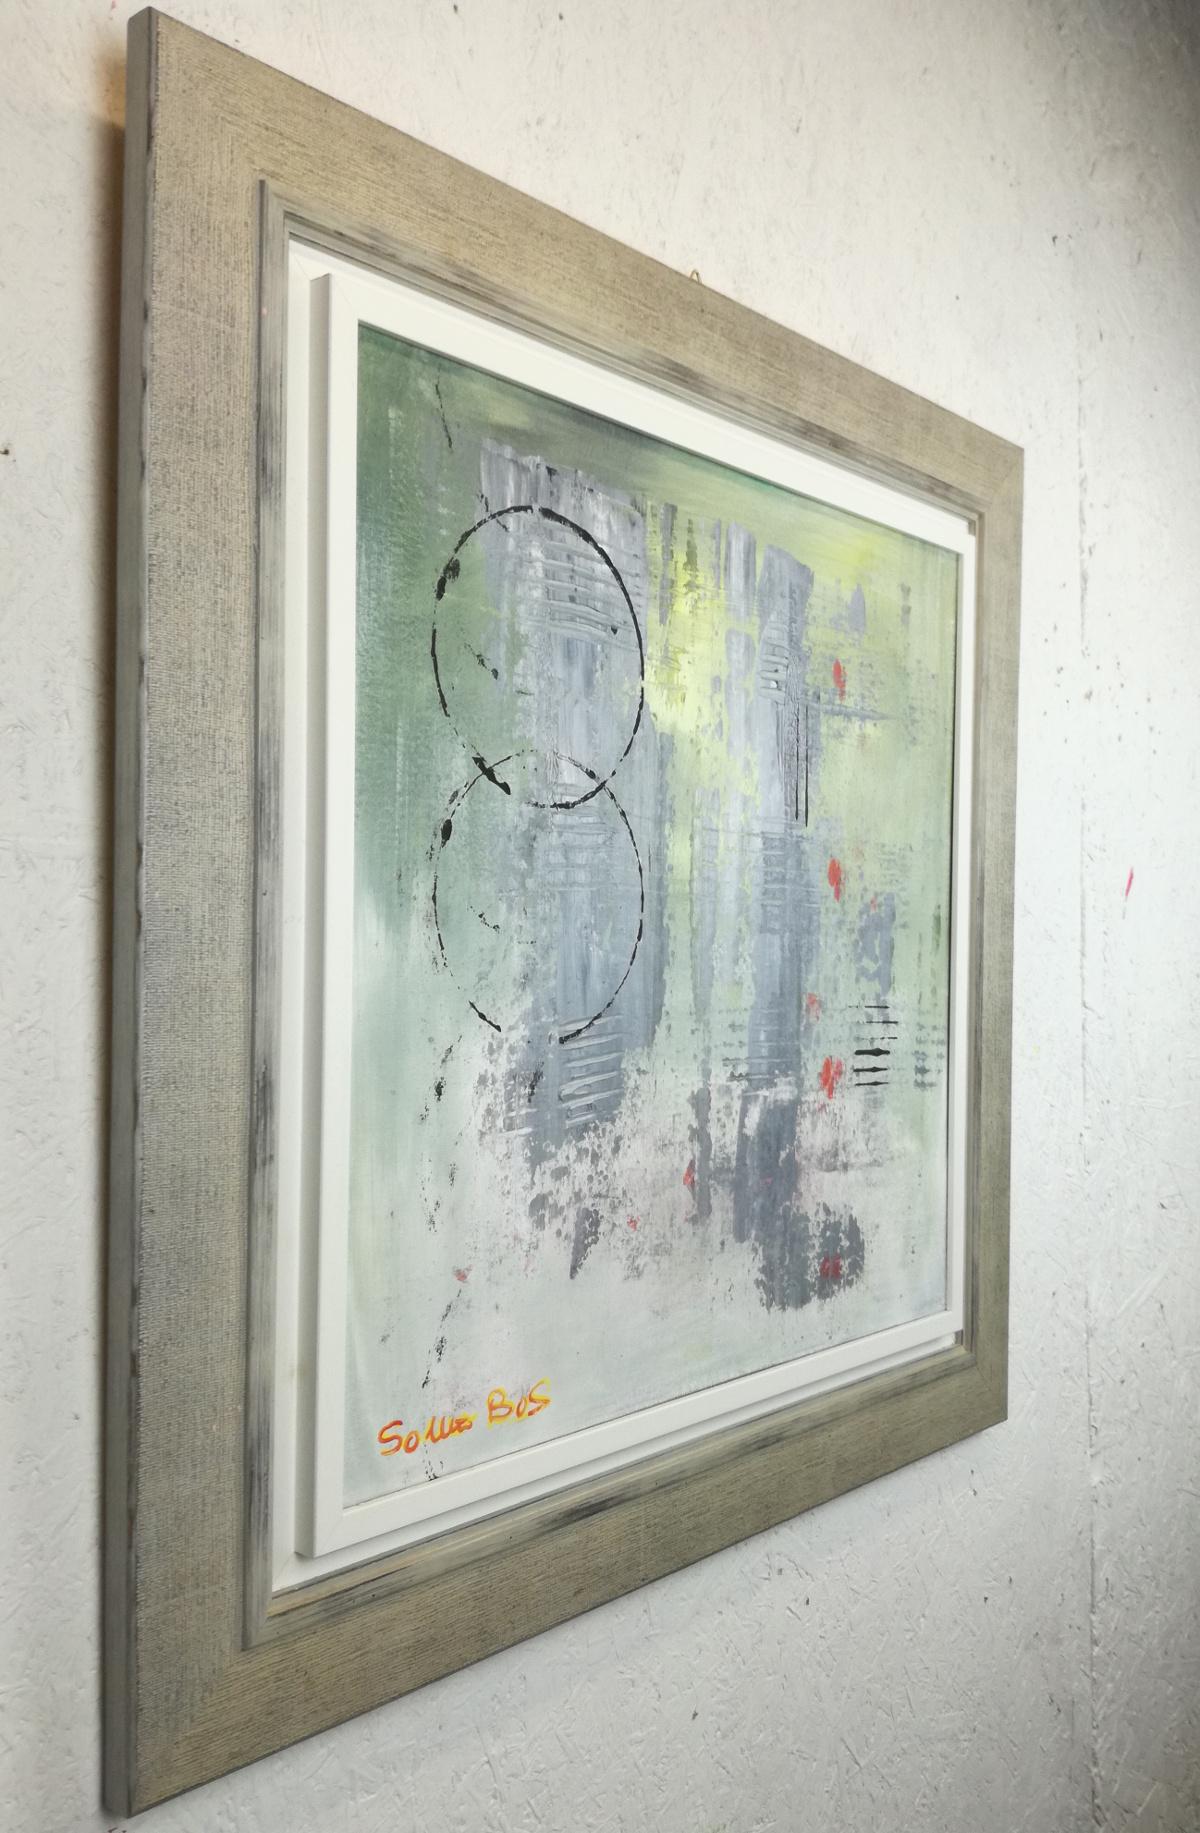 quadro-astratto-con-cornice-moderna-chiarista | sauro bos